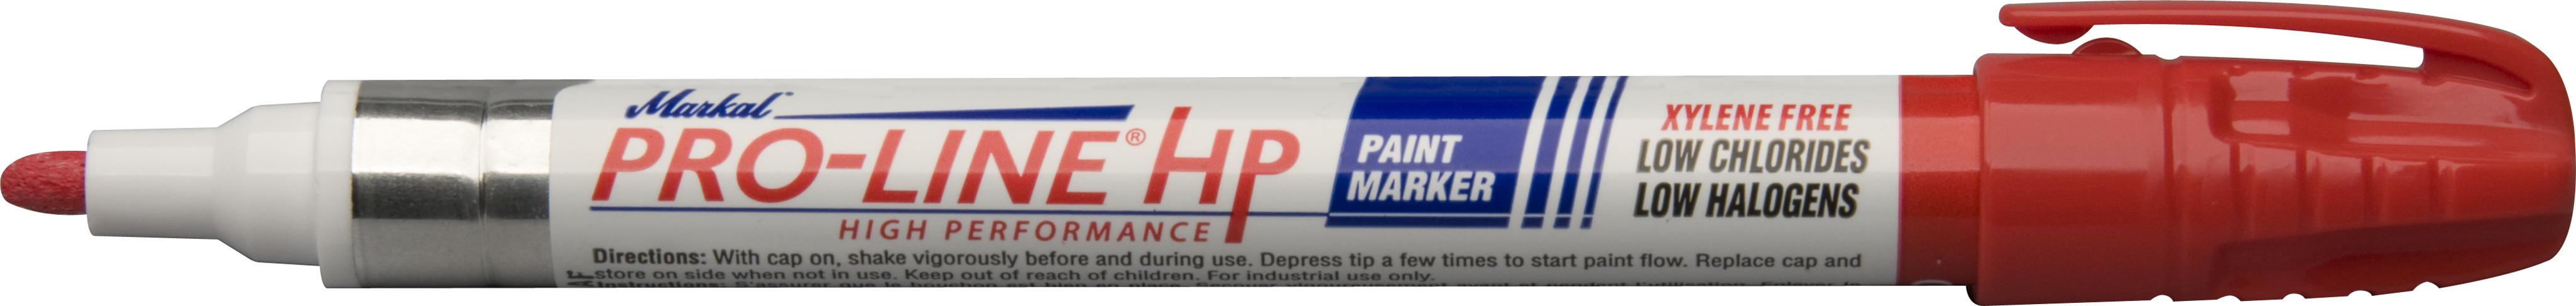 Markal Pro Line HP Paint Marker - Purple